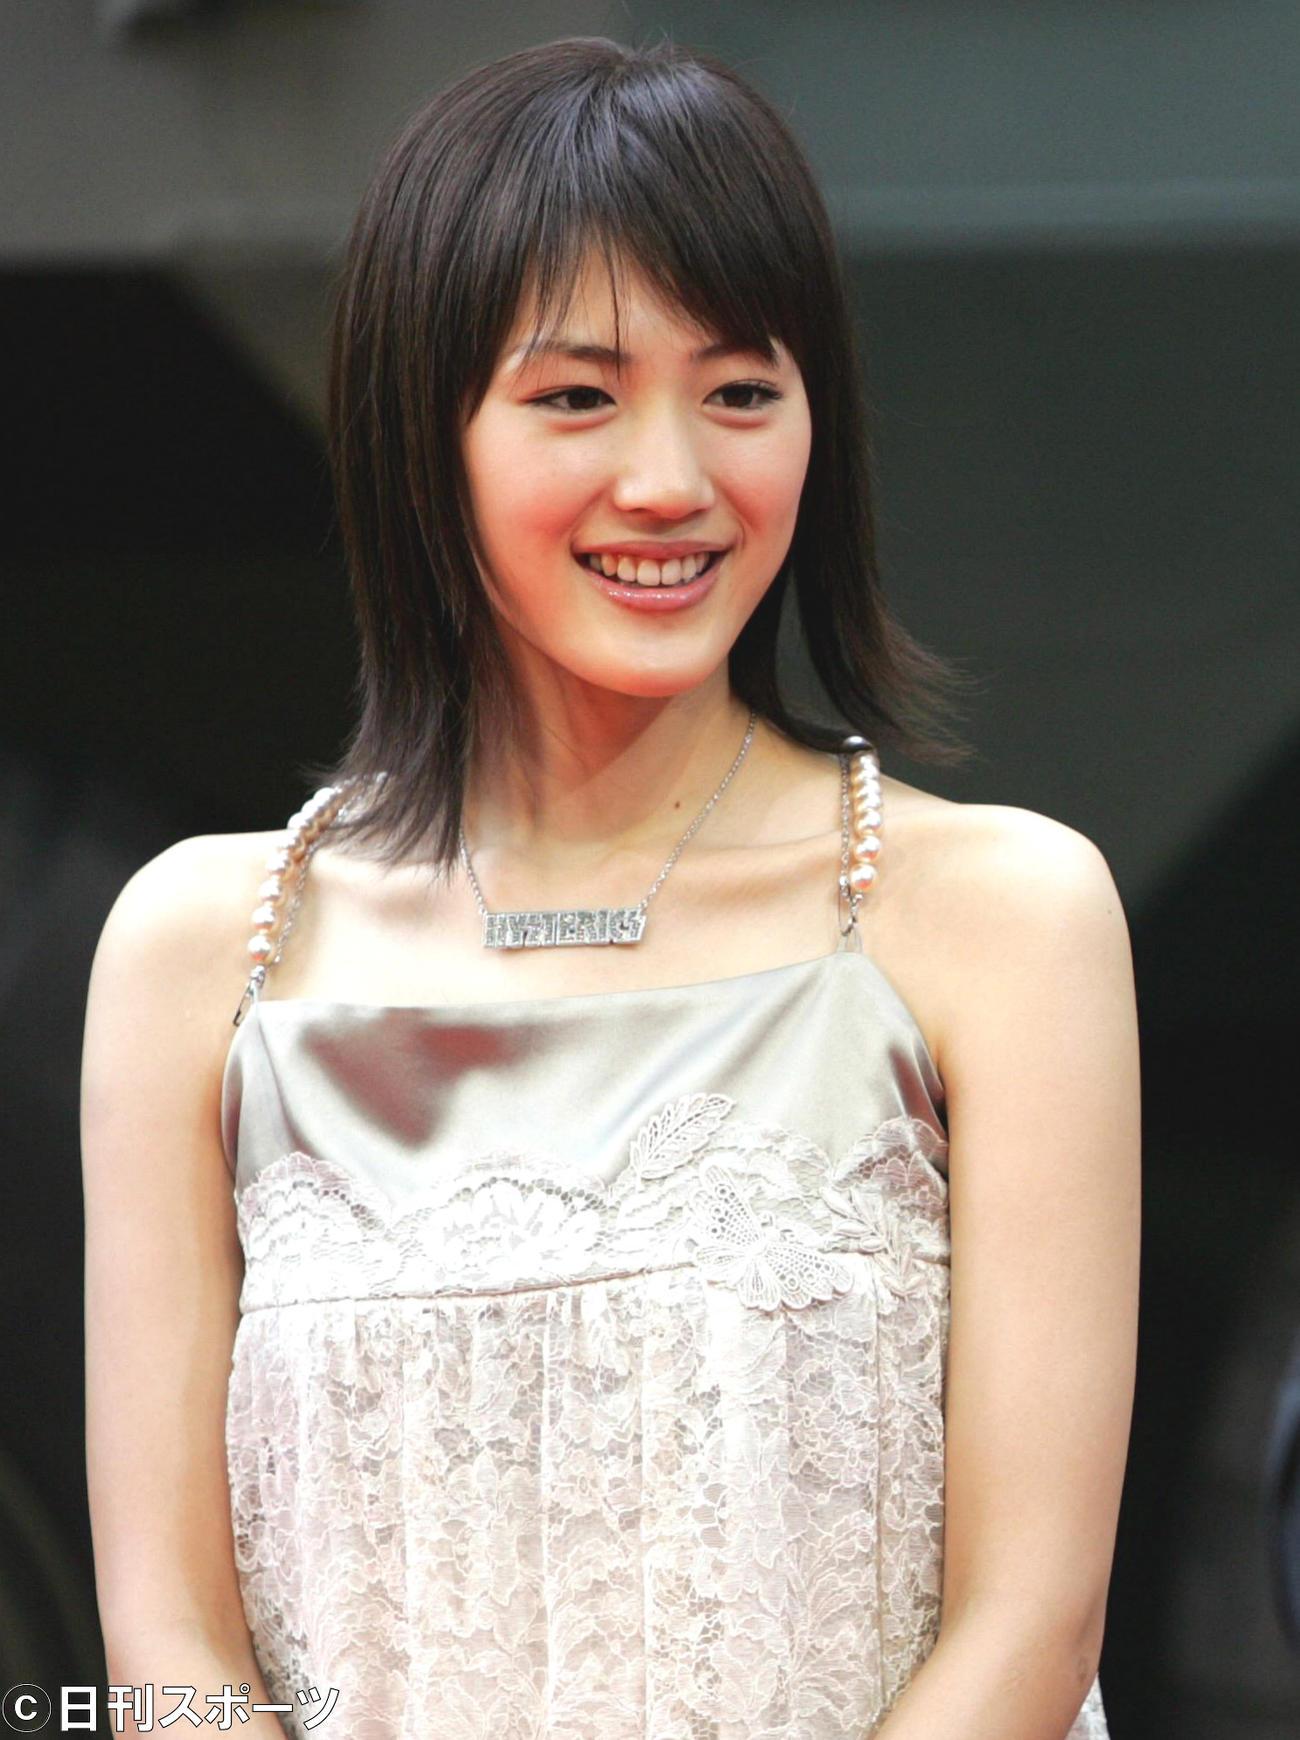 綾瀬はるか(05年5月)